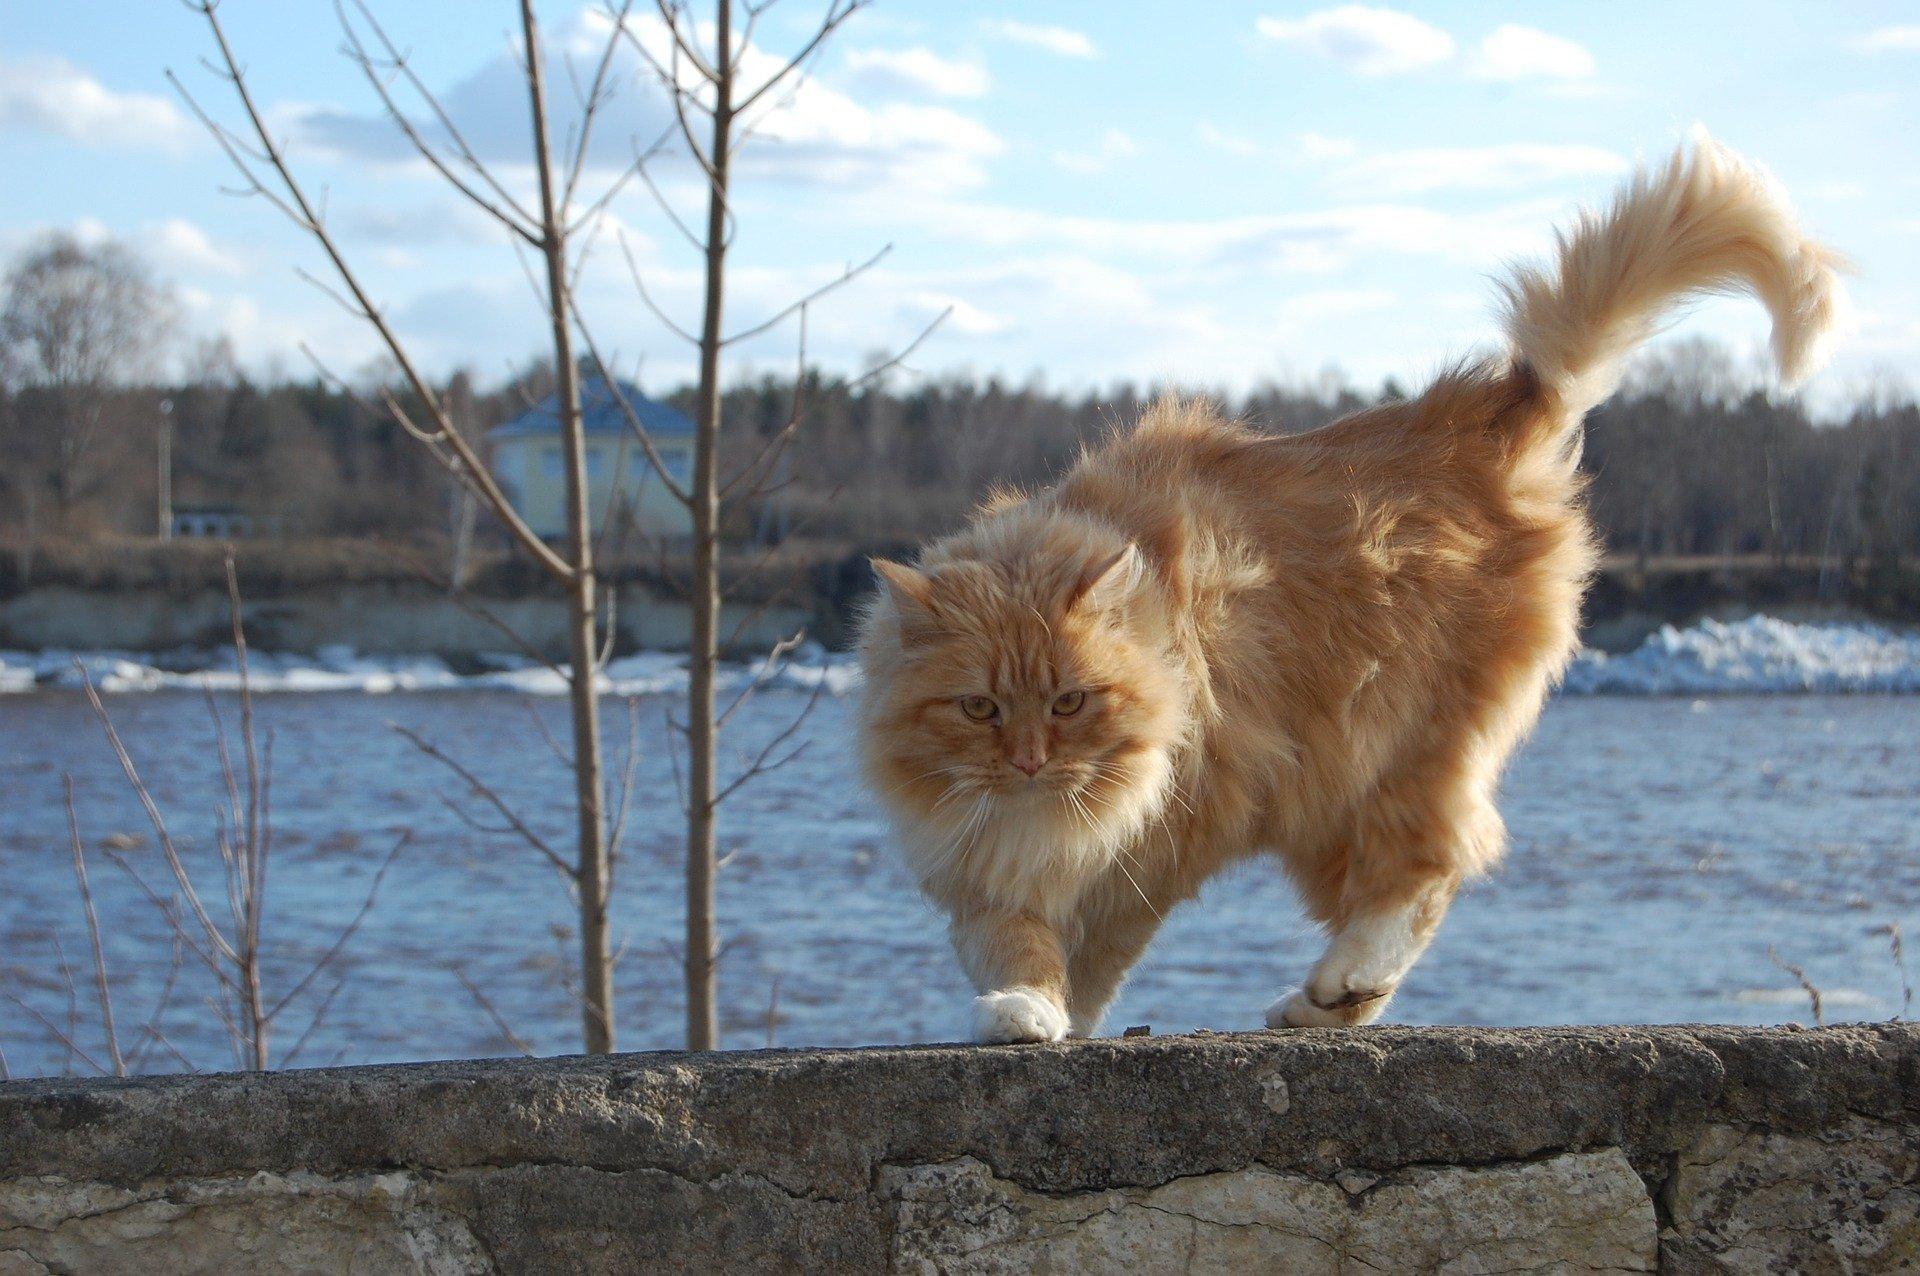 Linguaggio dei gatti: capirlo per rispondere alle sue esigenze